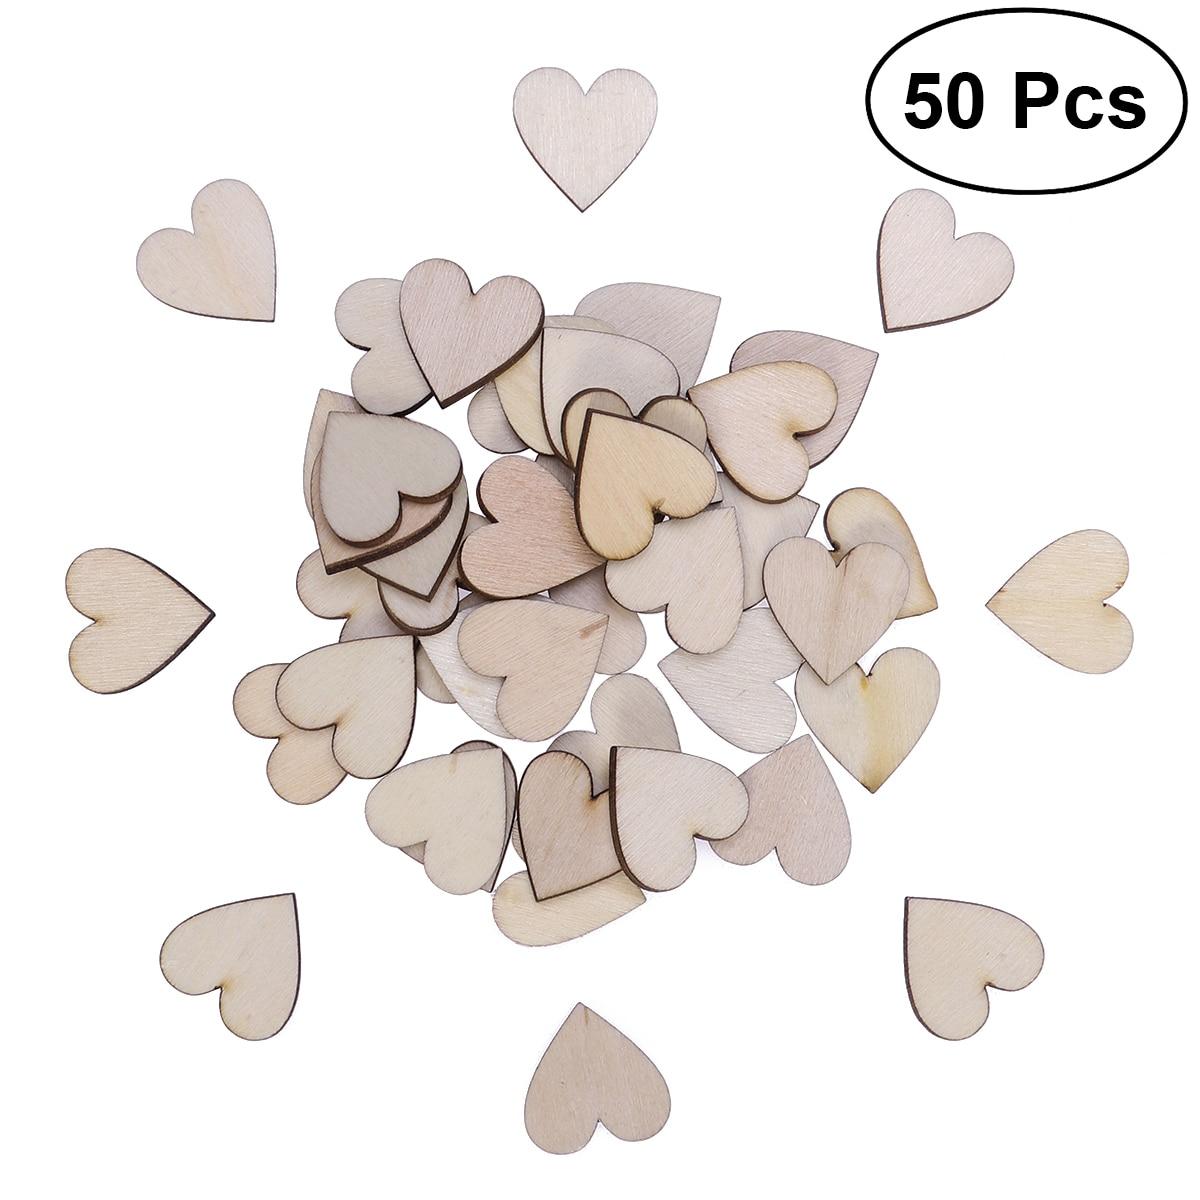 50 шт. сердцевидный деревянный ломтики Неокрашенный натуральный береза DIY ремесла украшения